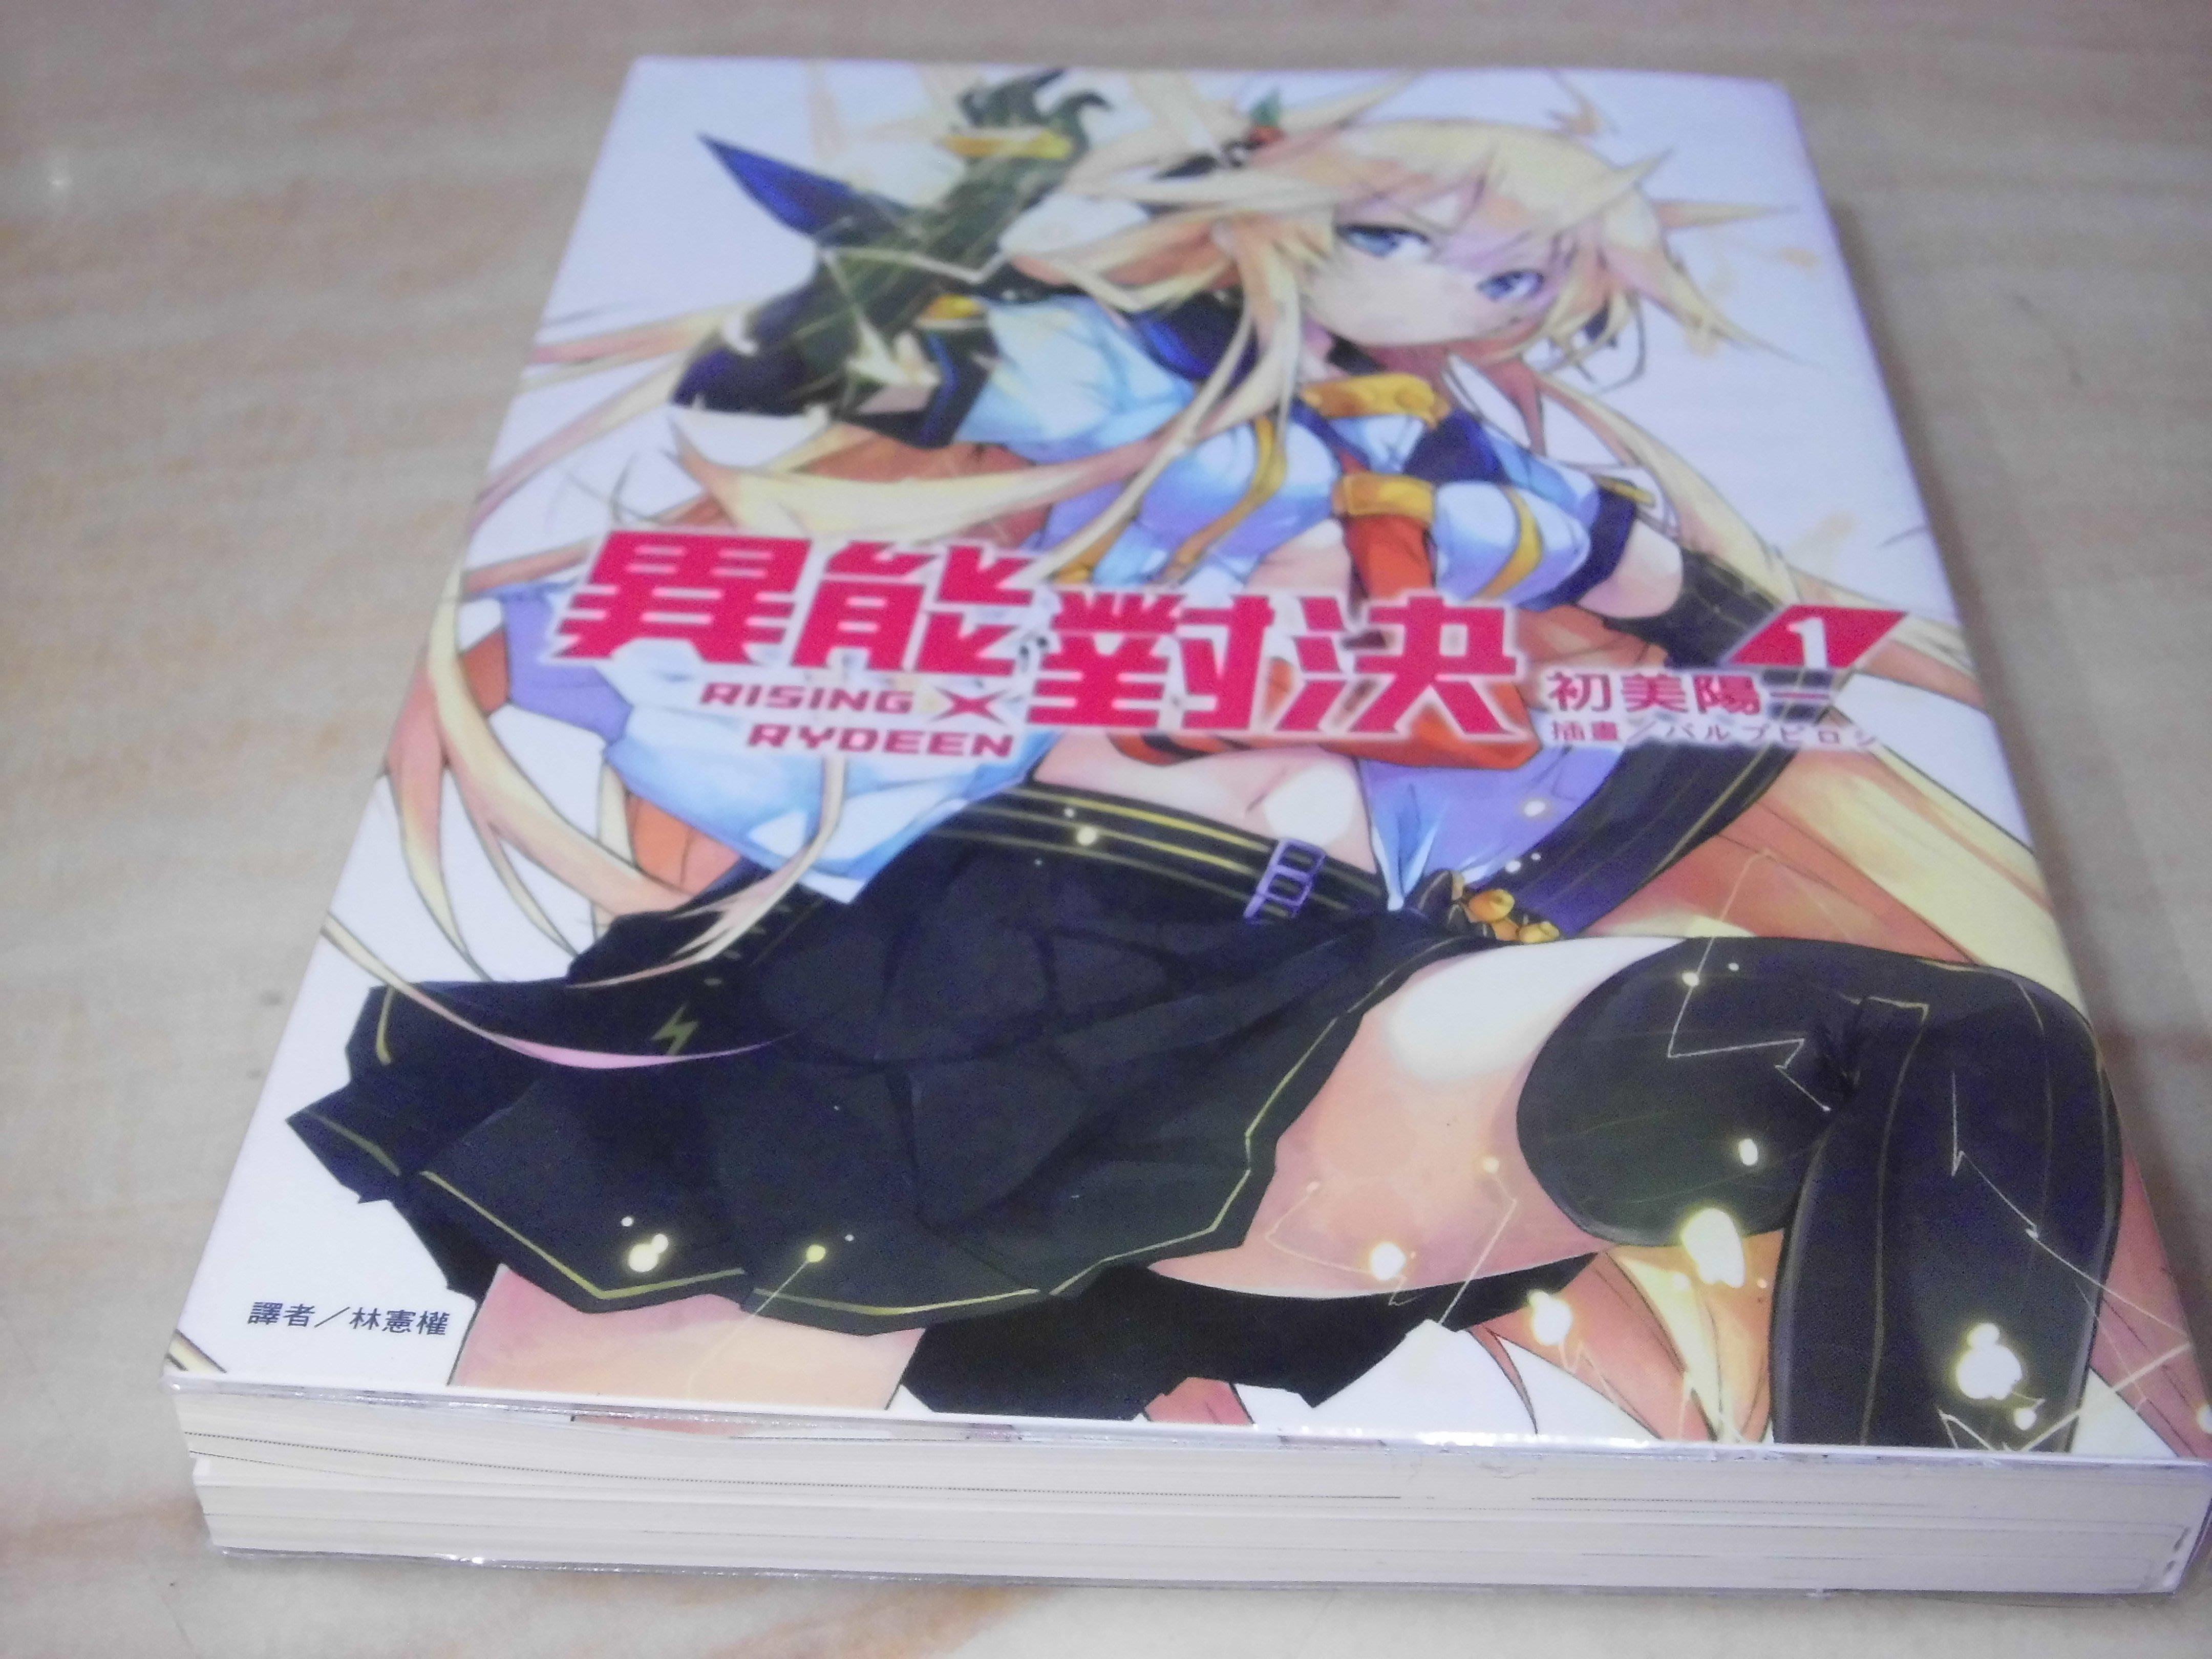 二手書【方爸爸的黃金屋】輕小說《RISING X RYDEEN 異能對決(1)》初美陽一著|東立出版L3